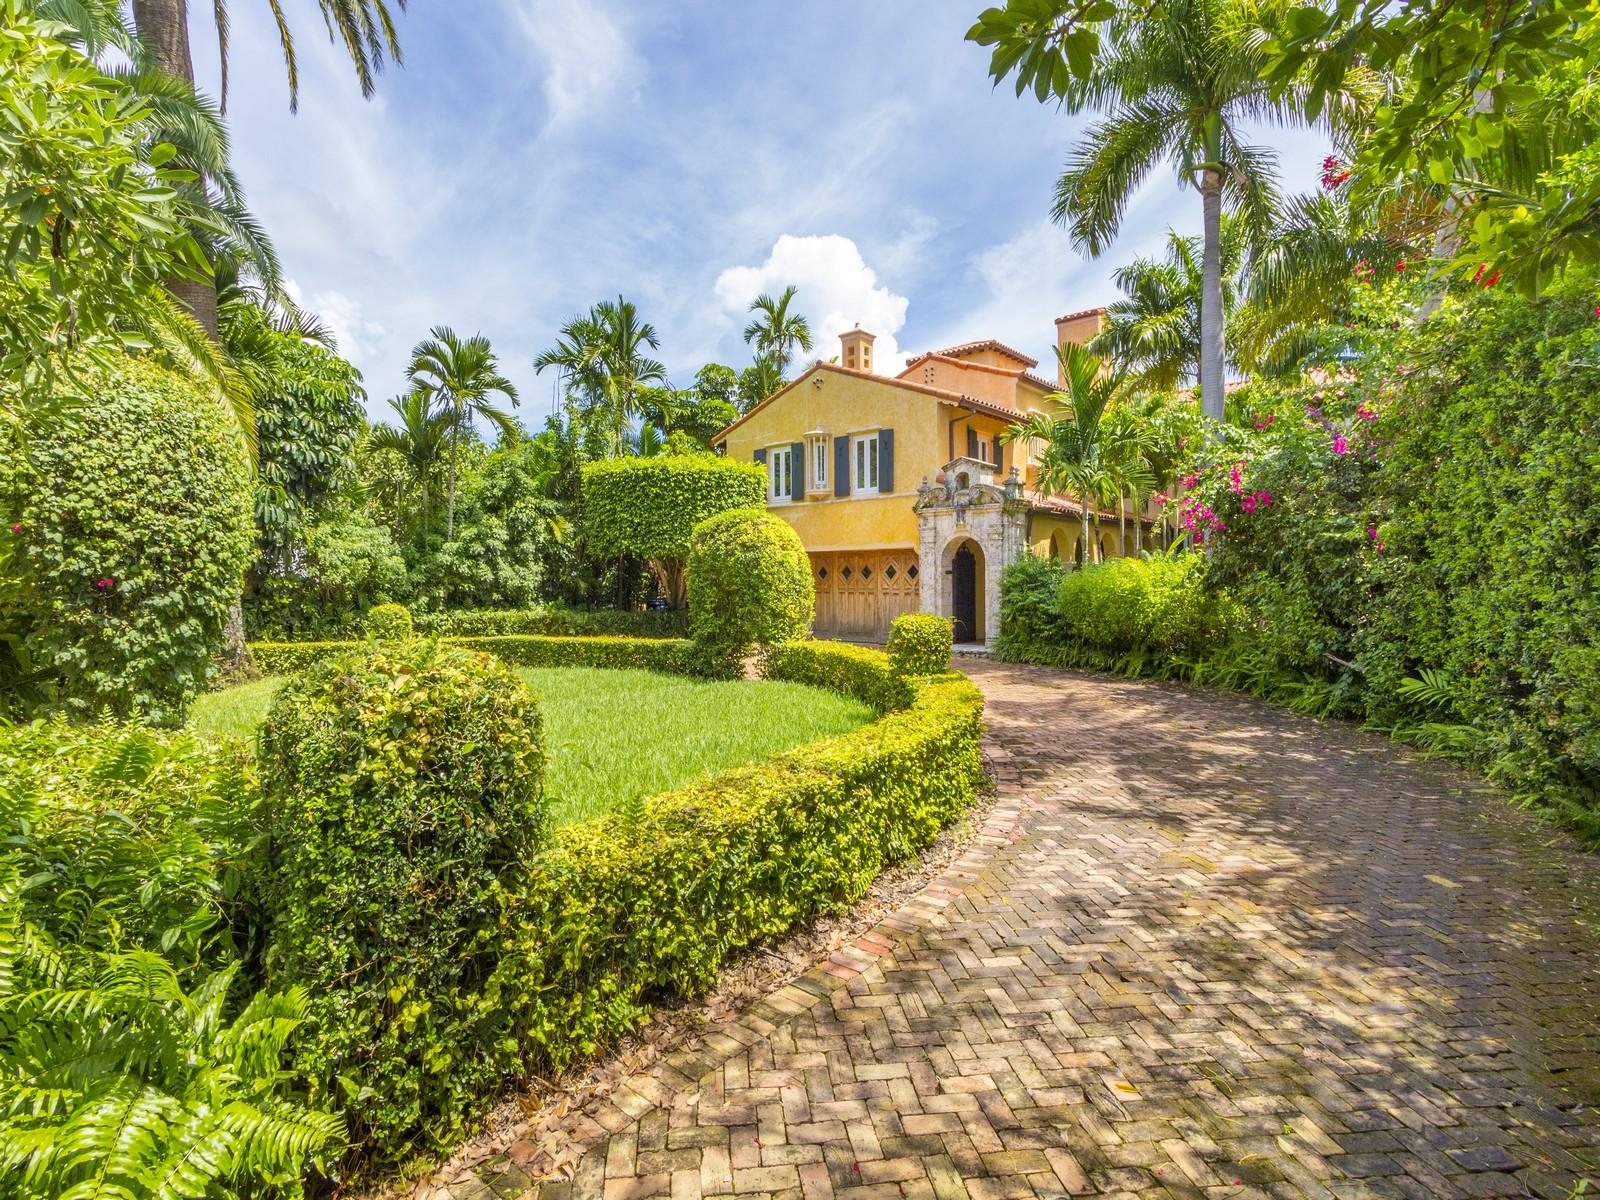 Casa Unifamiliar por un Venta en 5941 Pine Tree Dr Miami Beach, Florida, 33140 Estados Unidos